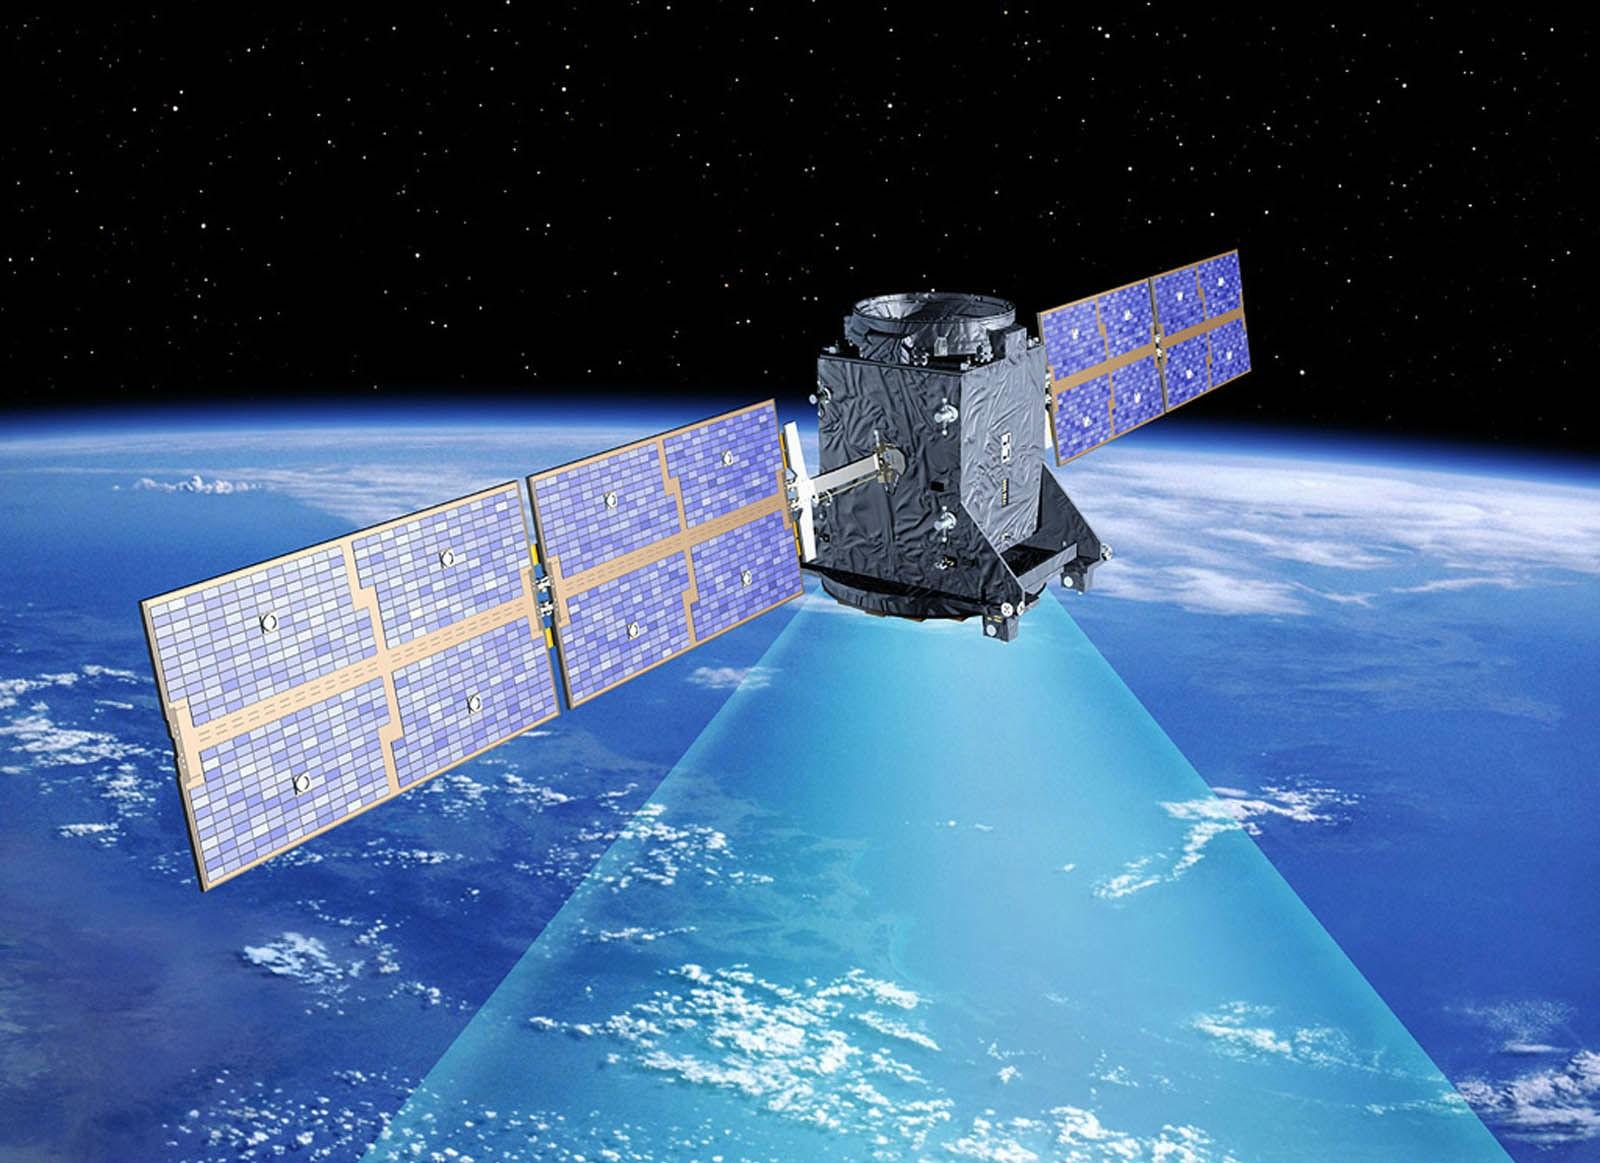 КНР при помощи спутников обеспечит высокоскоростной интернет втранспорте